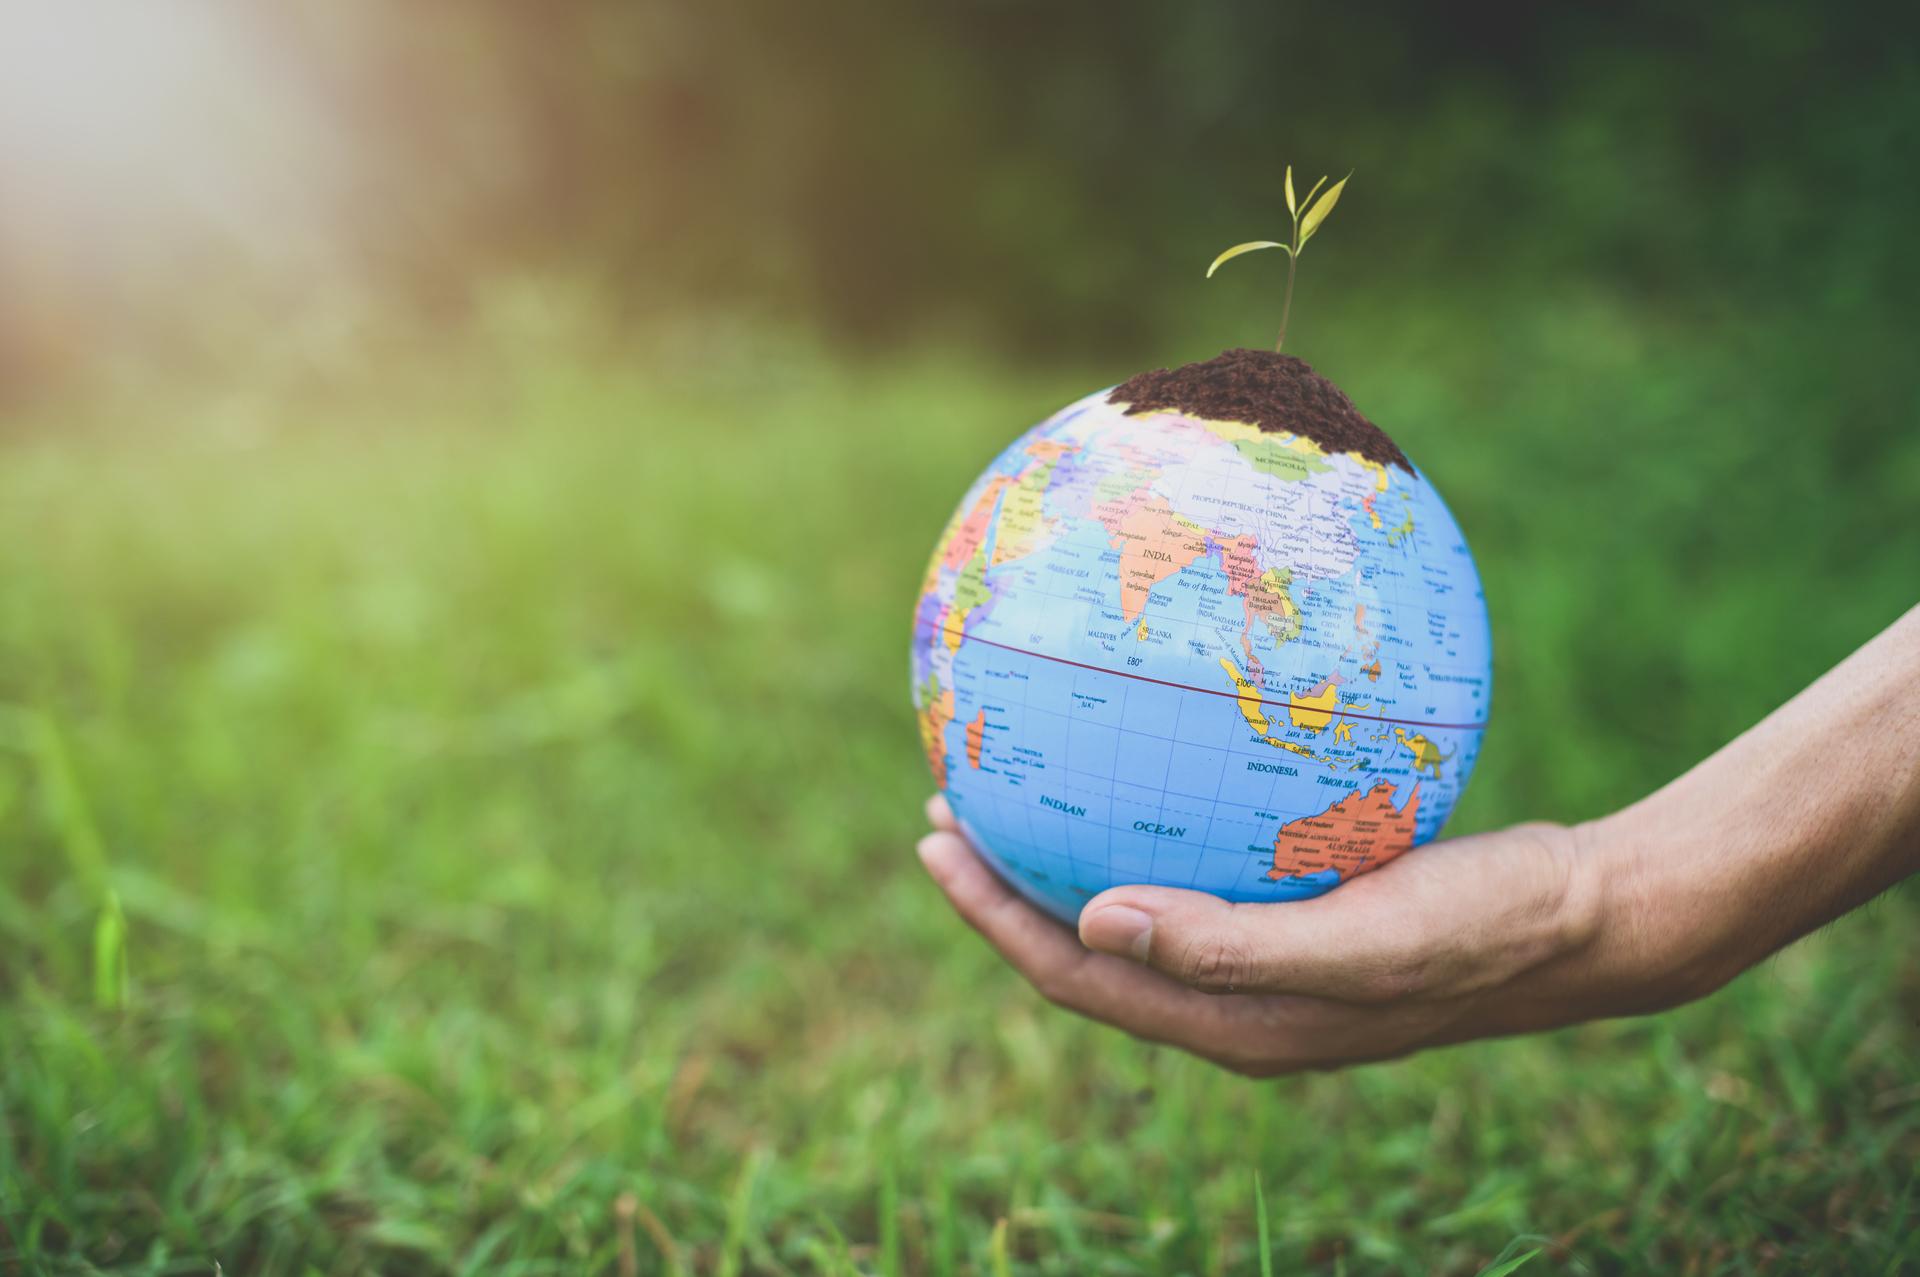 نجات طبیعت یا نجات انسان؛ مسئله کدام است؟